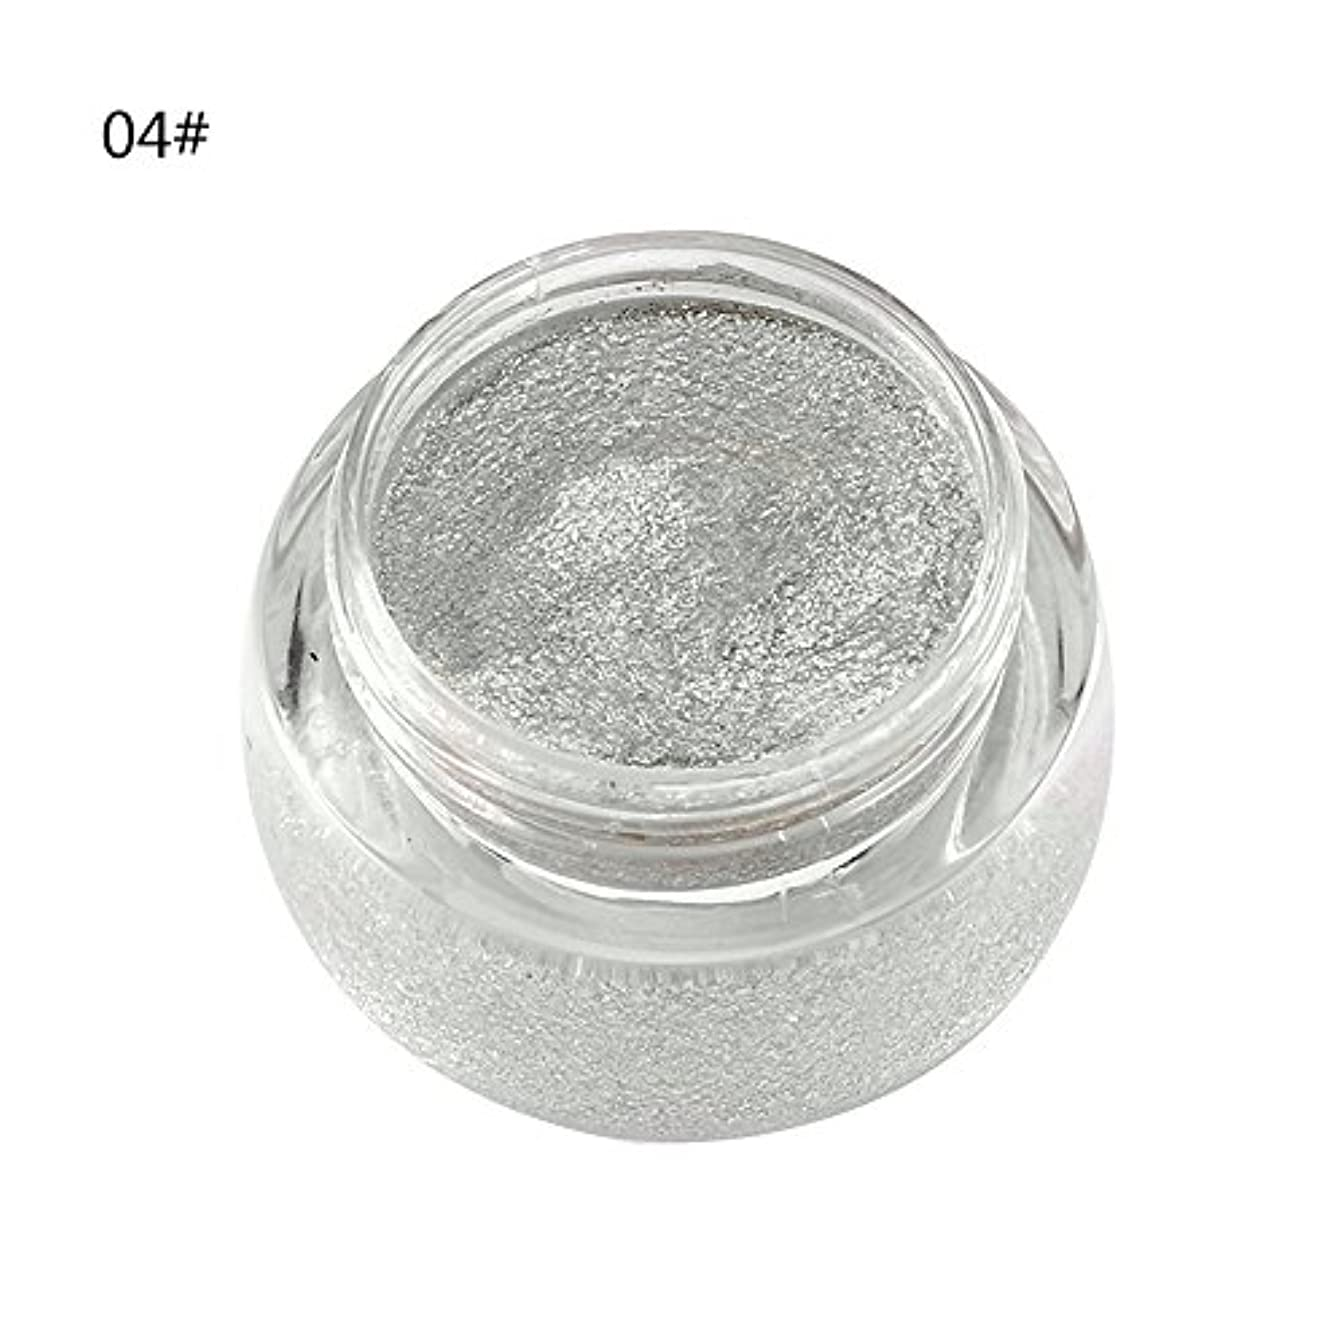 浸した良心的ステップアイシャドウ 単色 化粧品 光沢 保湿 キラキラ 美しい タイプ 04